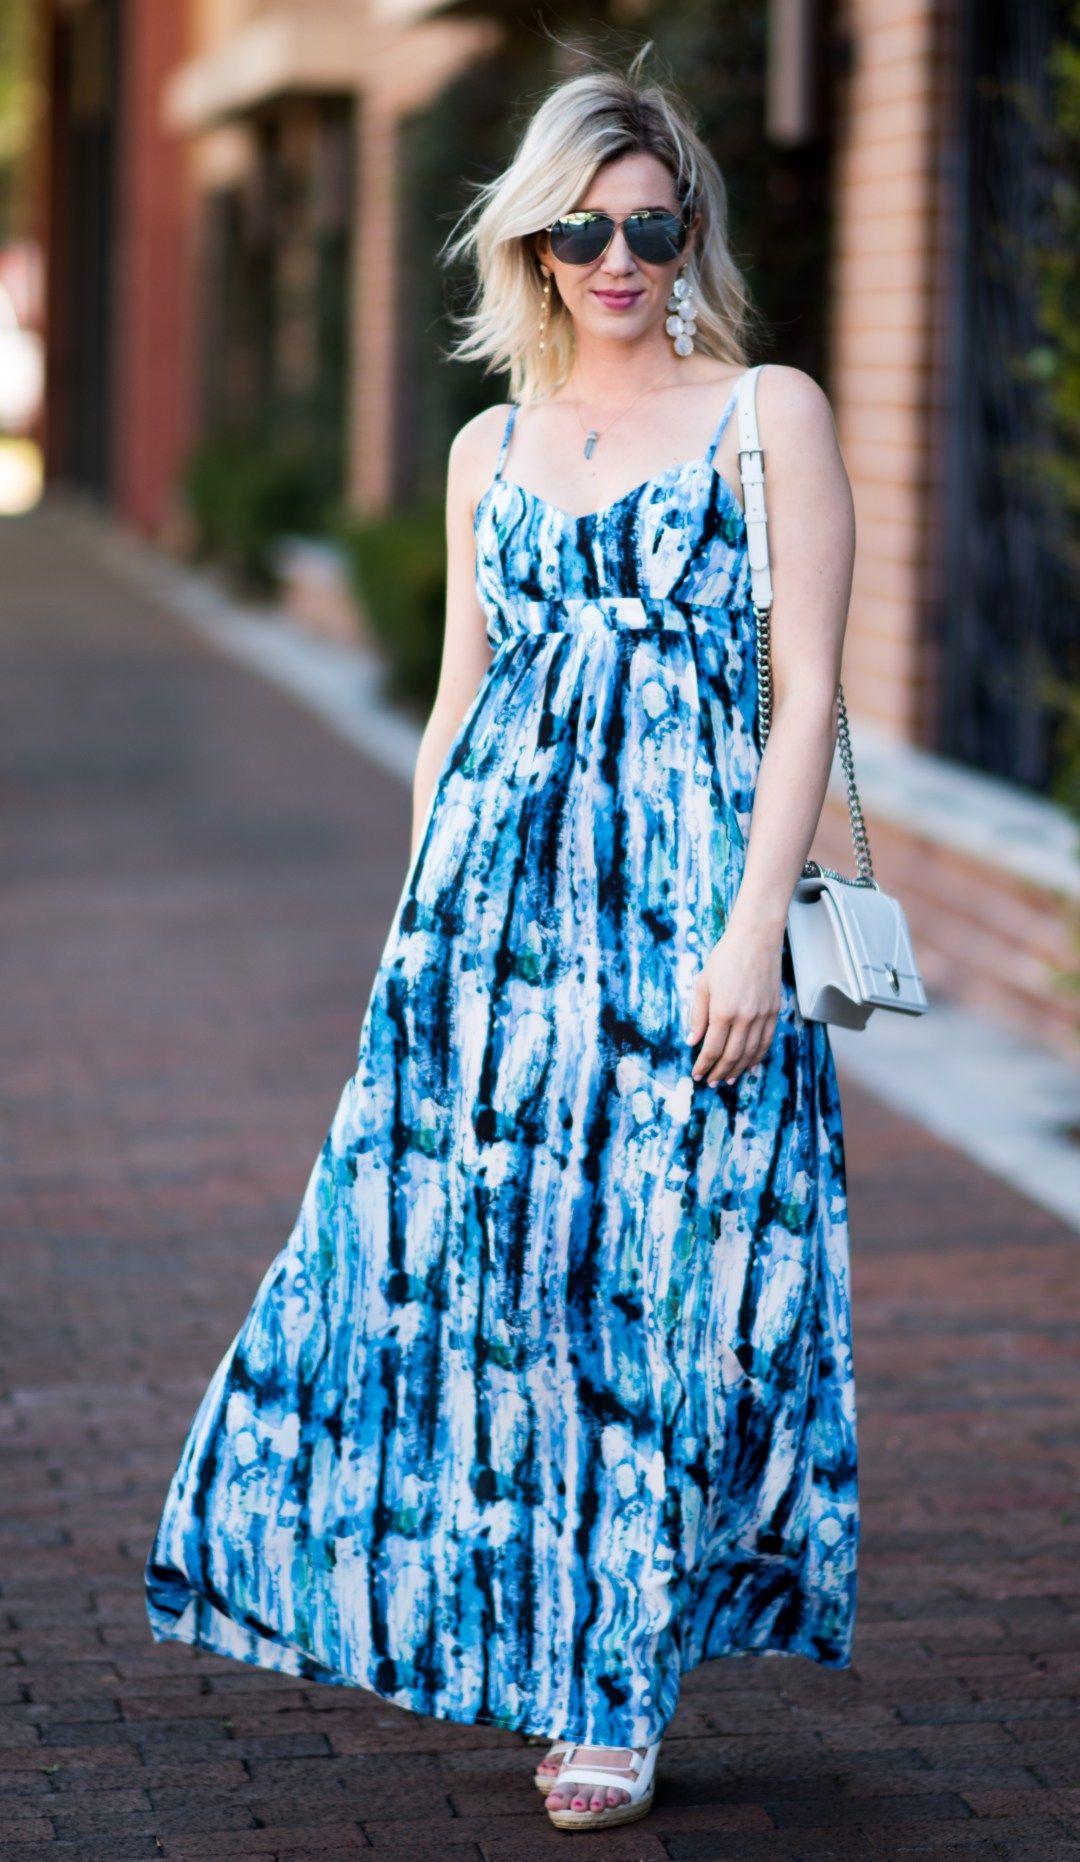 Watercolor Maxi Dress Life S Candy Jar Dresses Maxi Dress Nice Dresses [ 1862 x 1080 Pixel ]